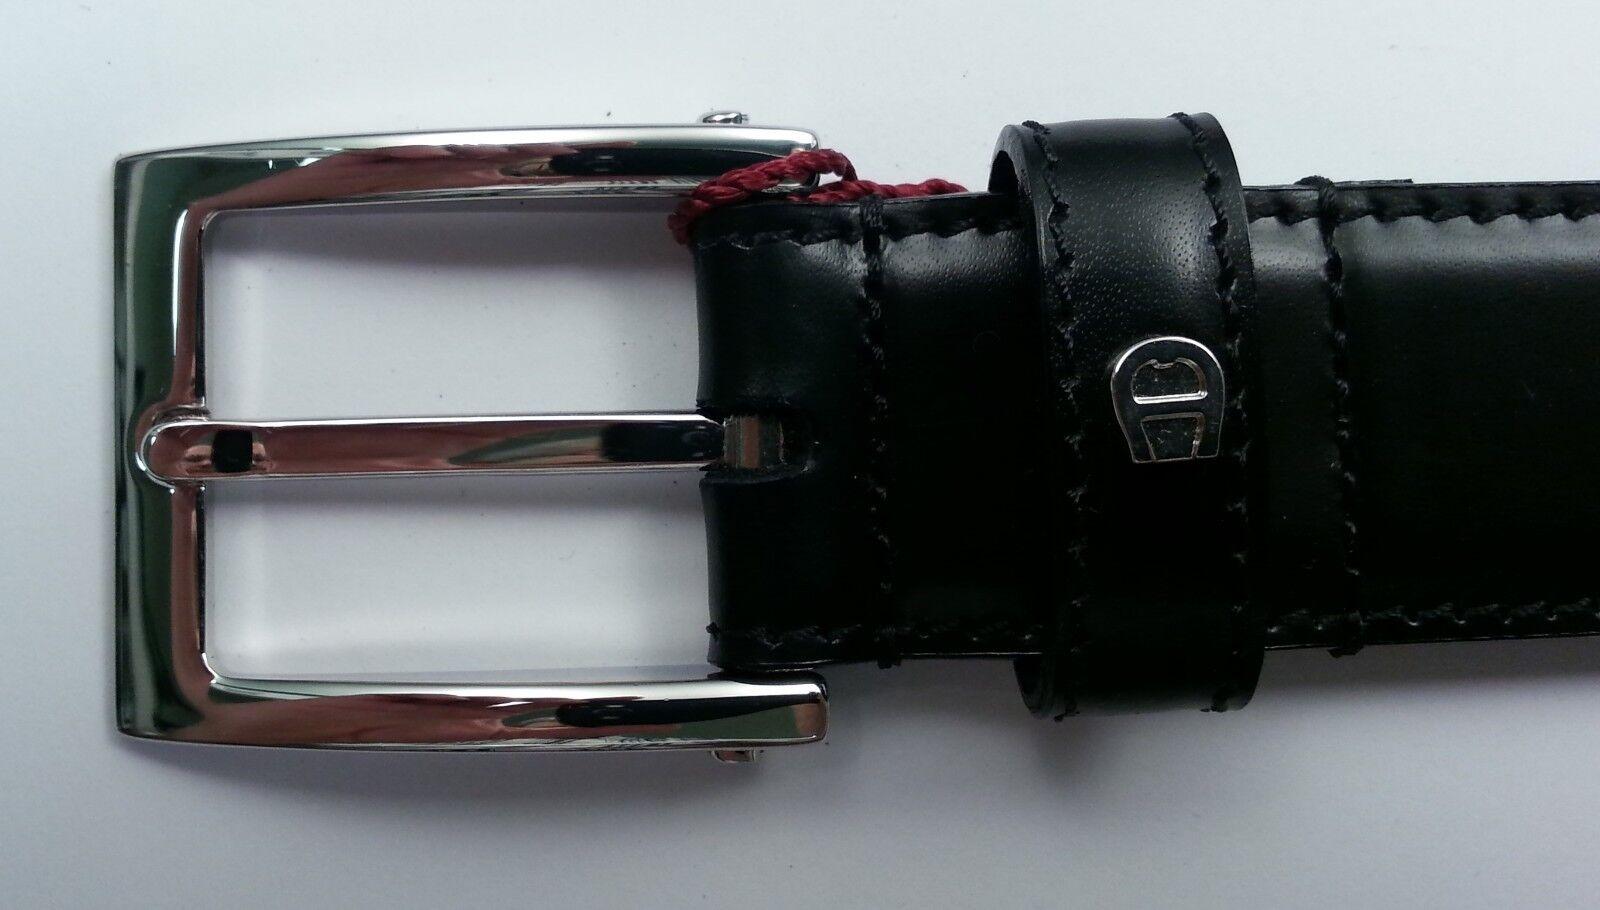 Aigner Gürtel Kalb Leder - Schliesse Silberfarben glänzend , Breite 3cm